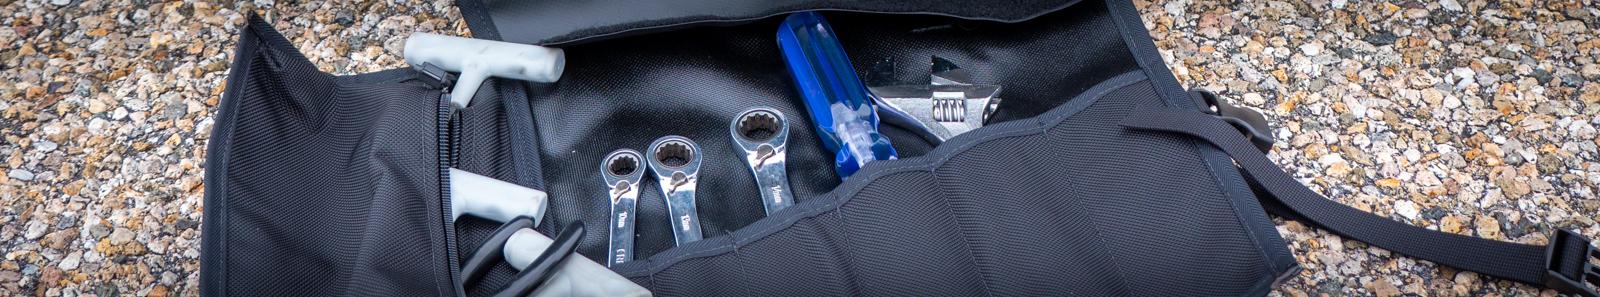 OBR ADV Gear Tool Storage Products